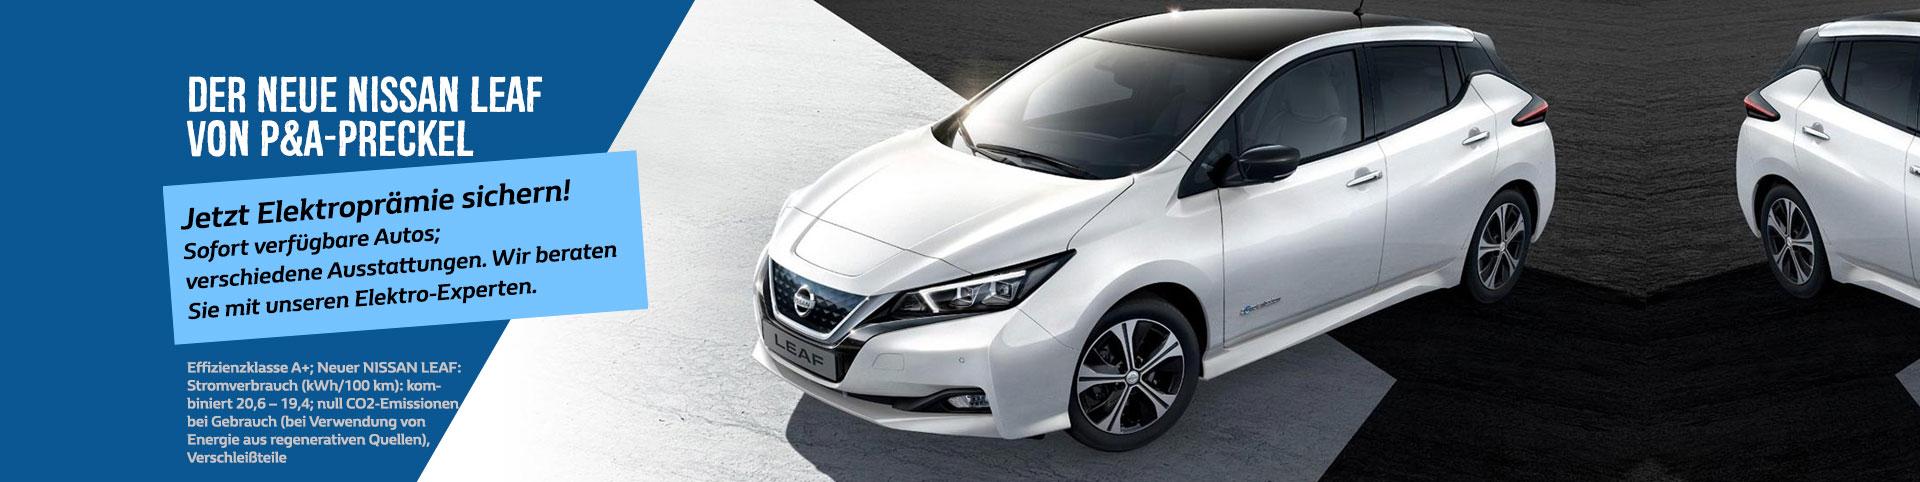 Nissan Leaf 2018 Elektroauto von P&A-Preckel